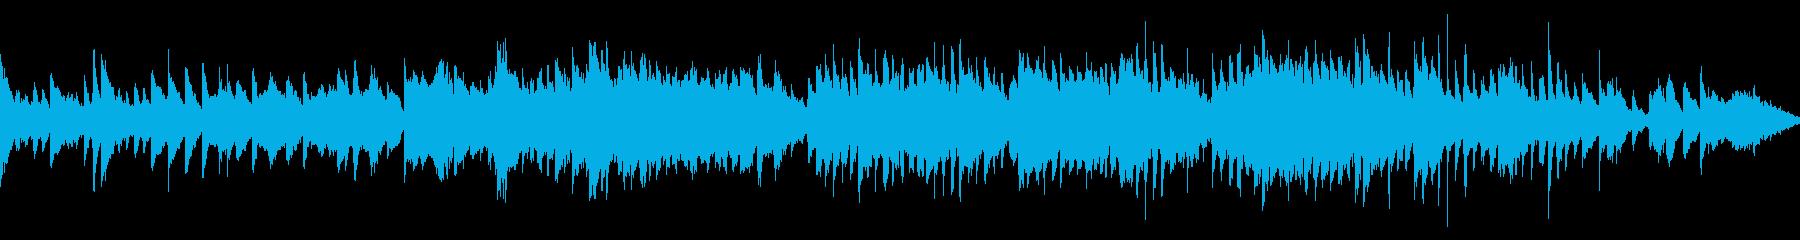 ファンタジーな森をイメージしたゲーム音楽の再生済みの波形